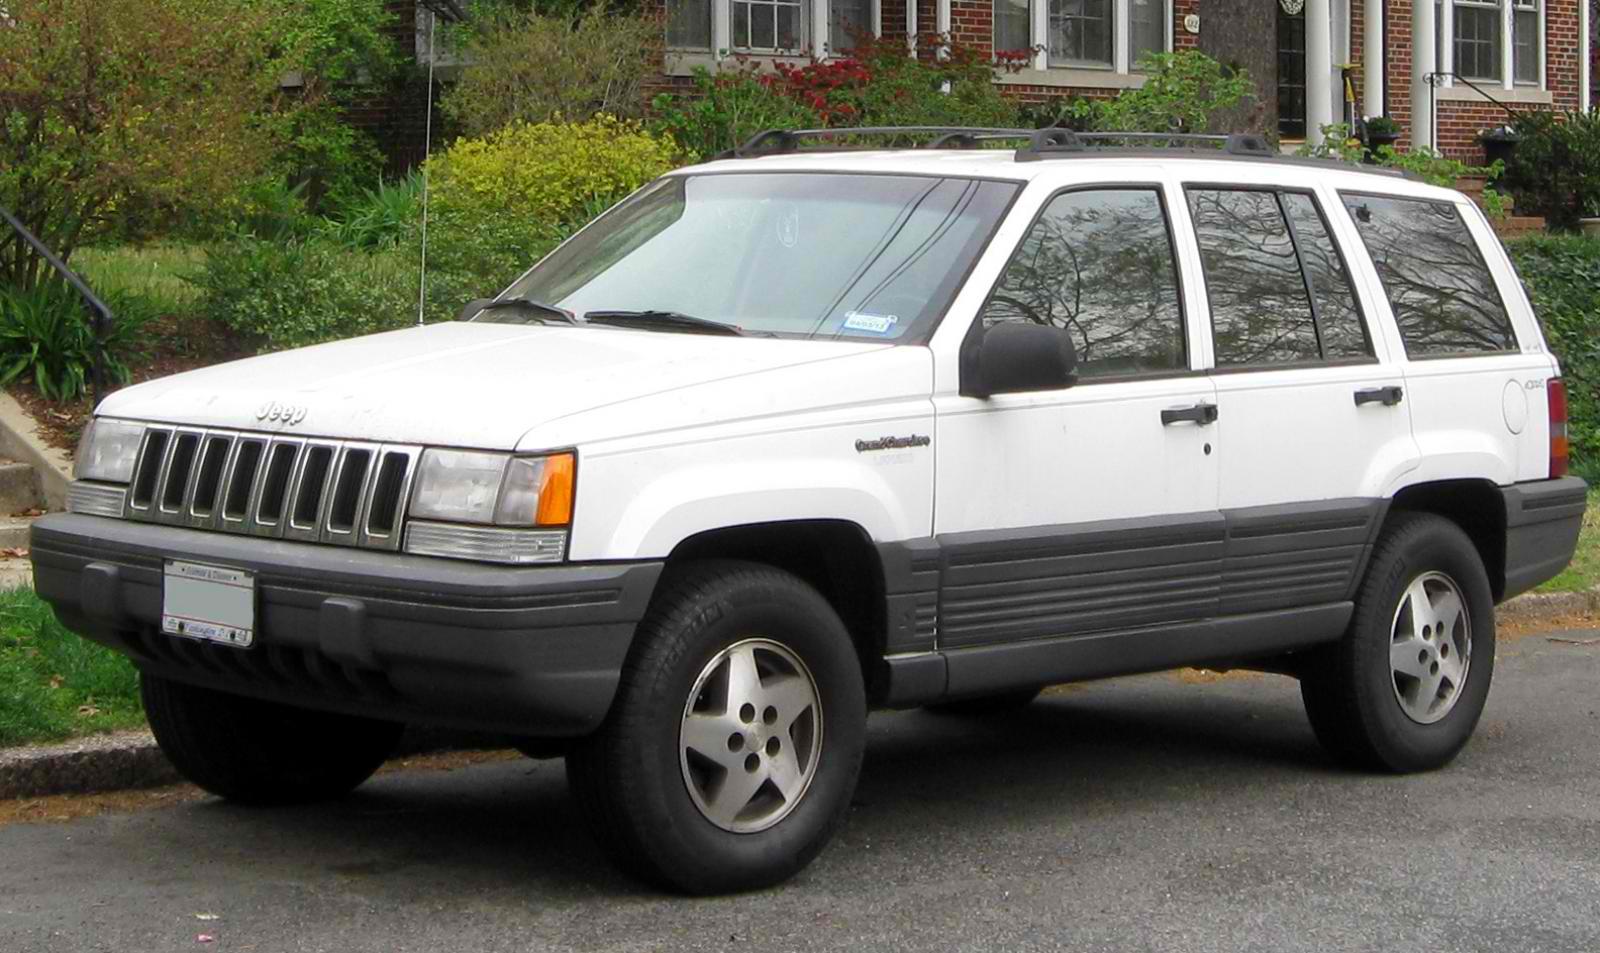 Stone White 1997 Grand Cherokee